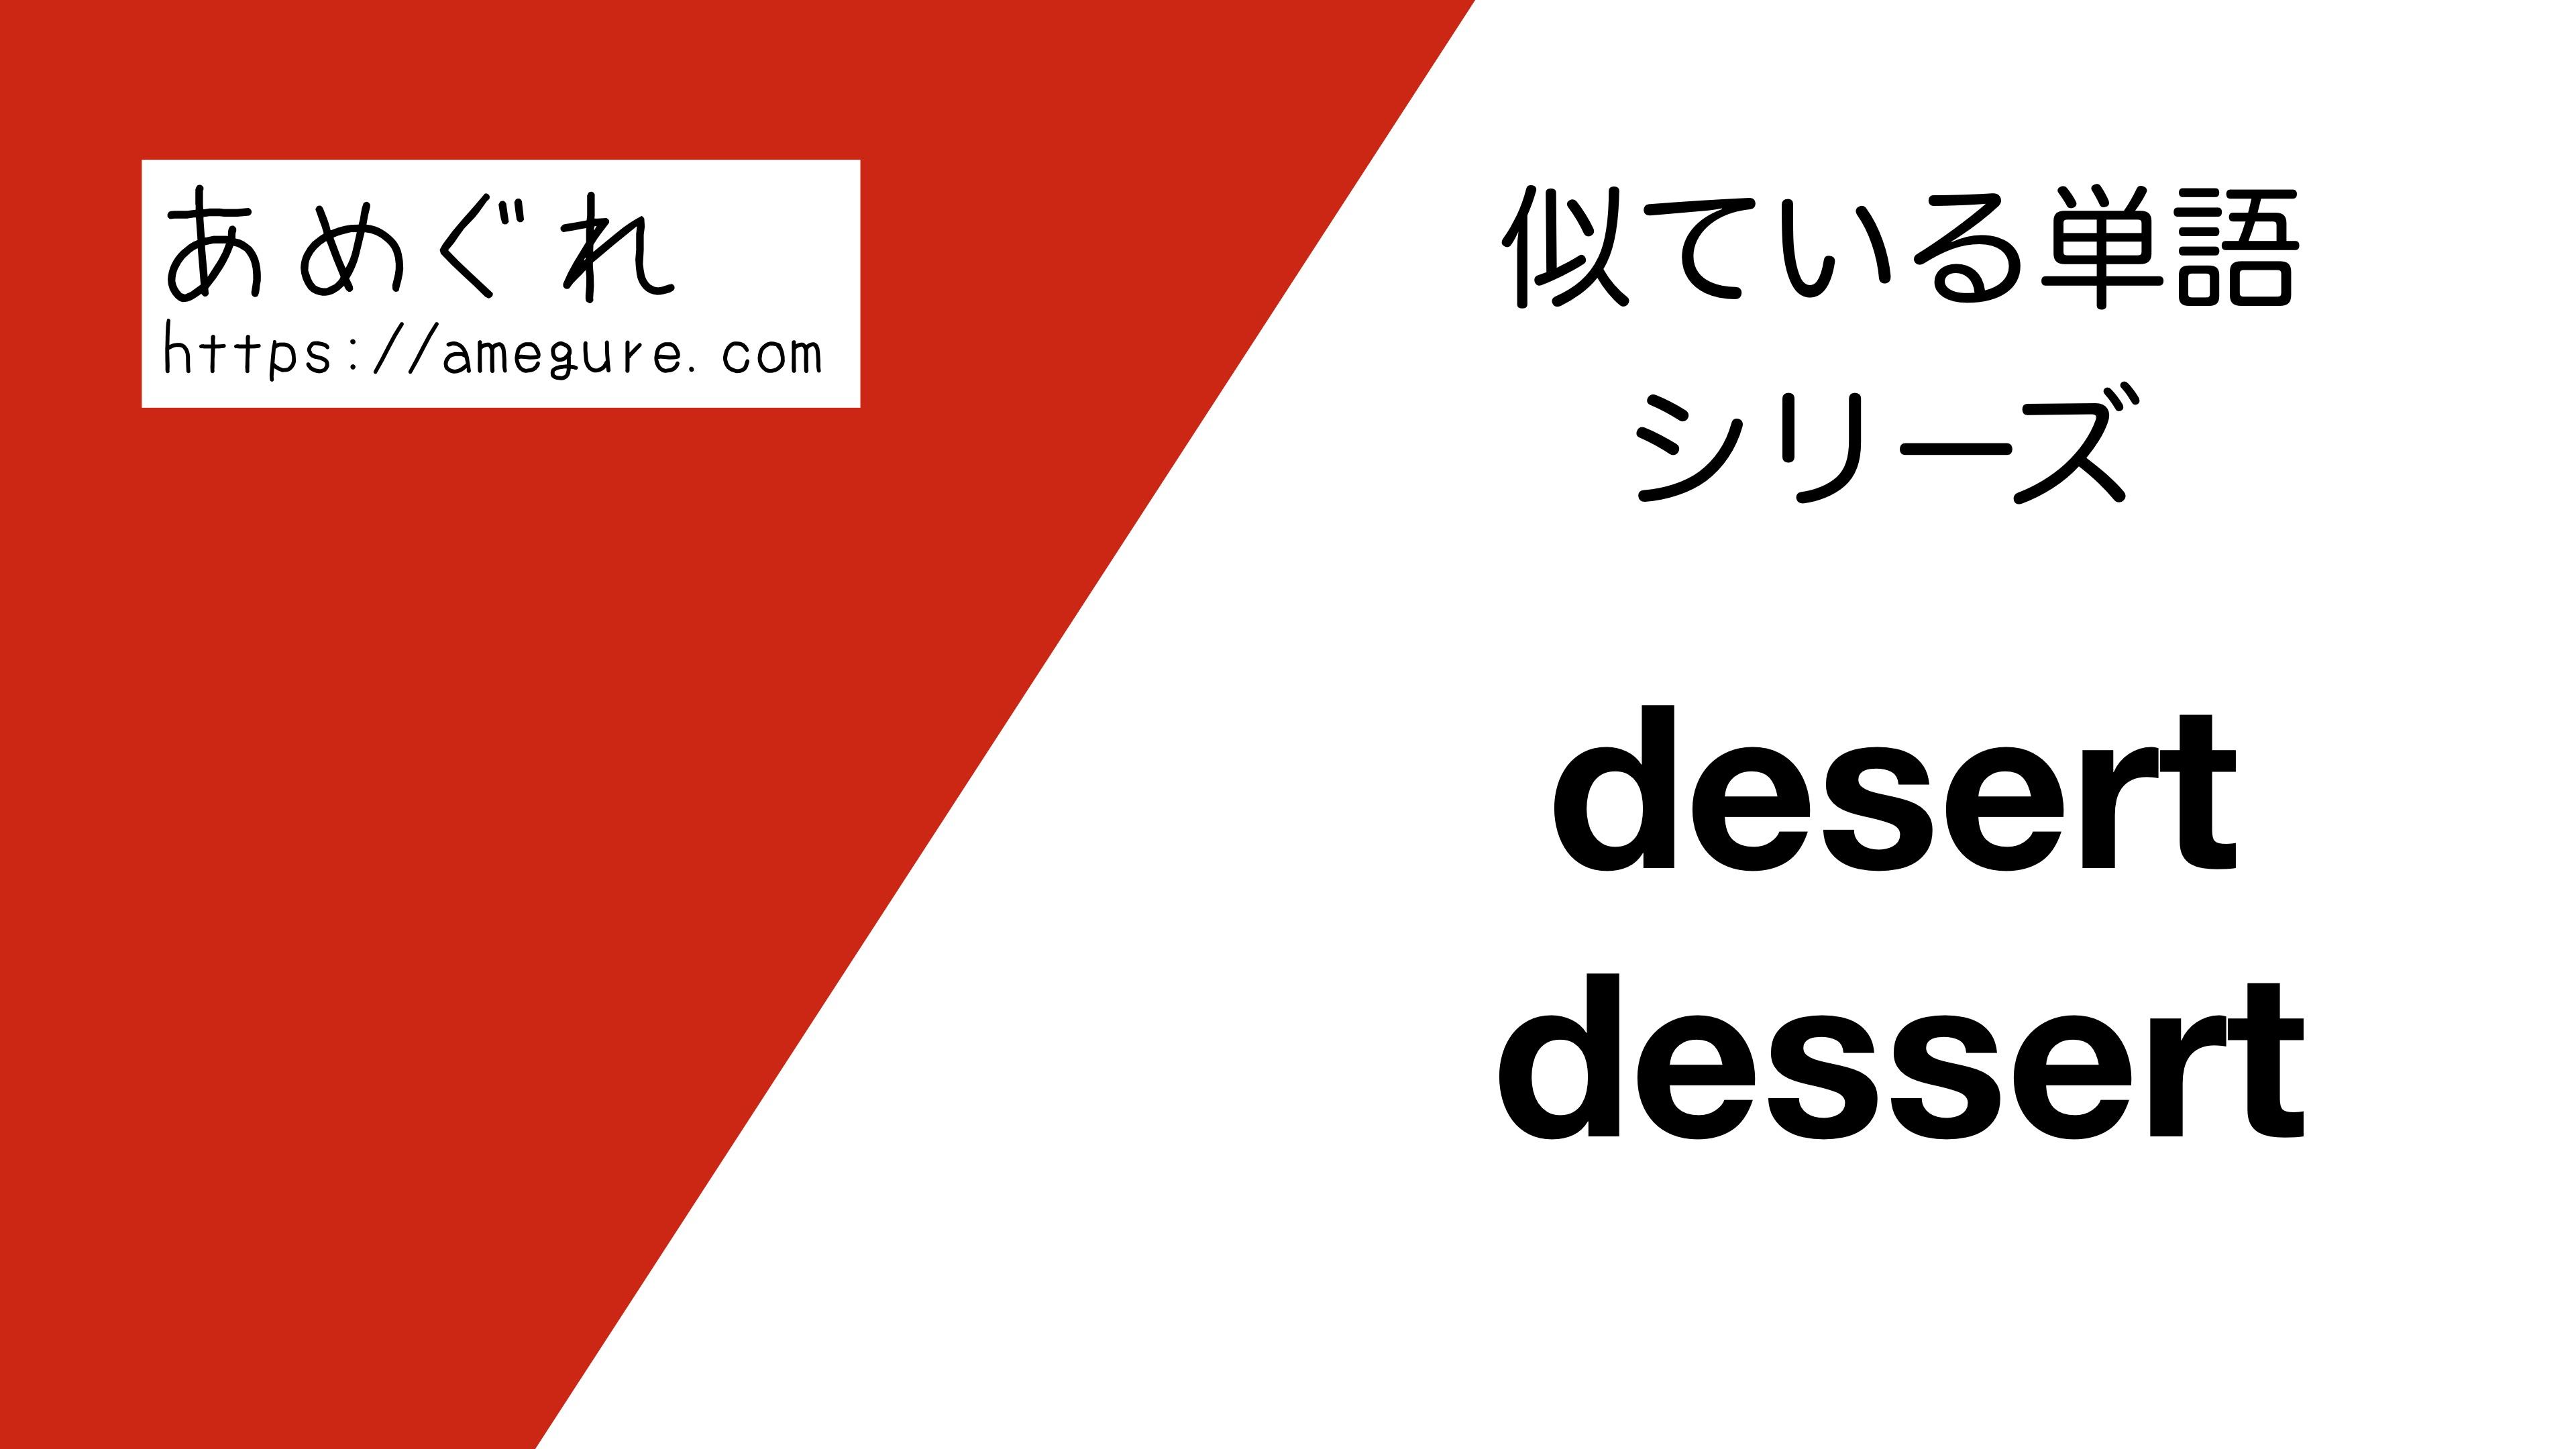 desert-dessert違い